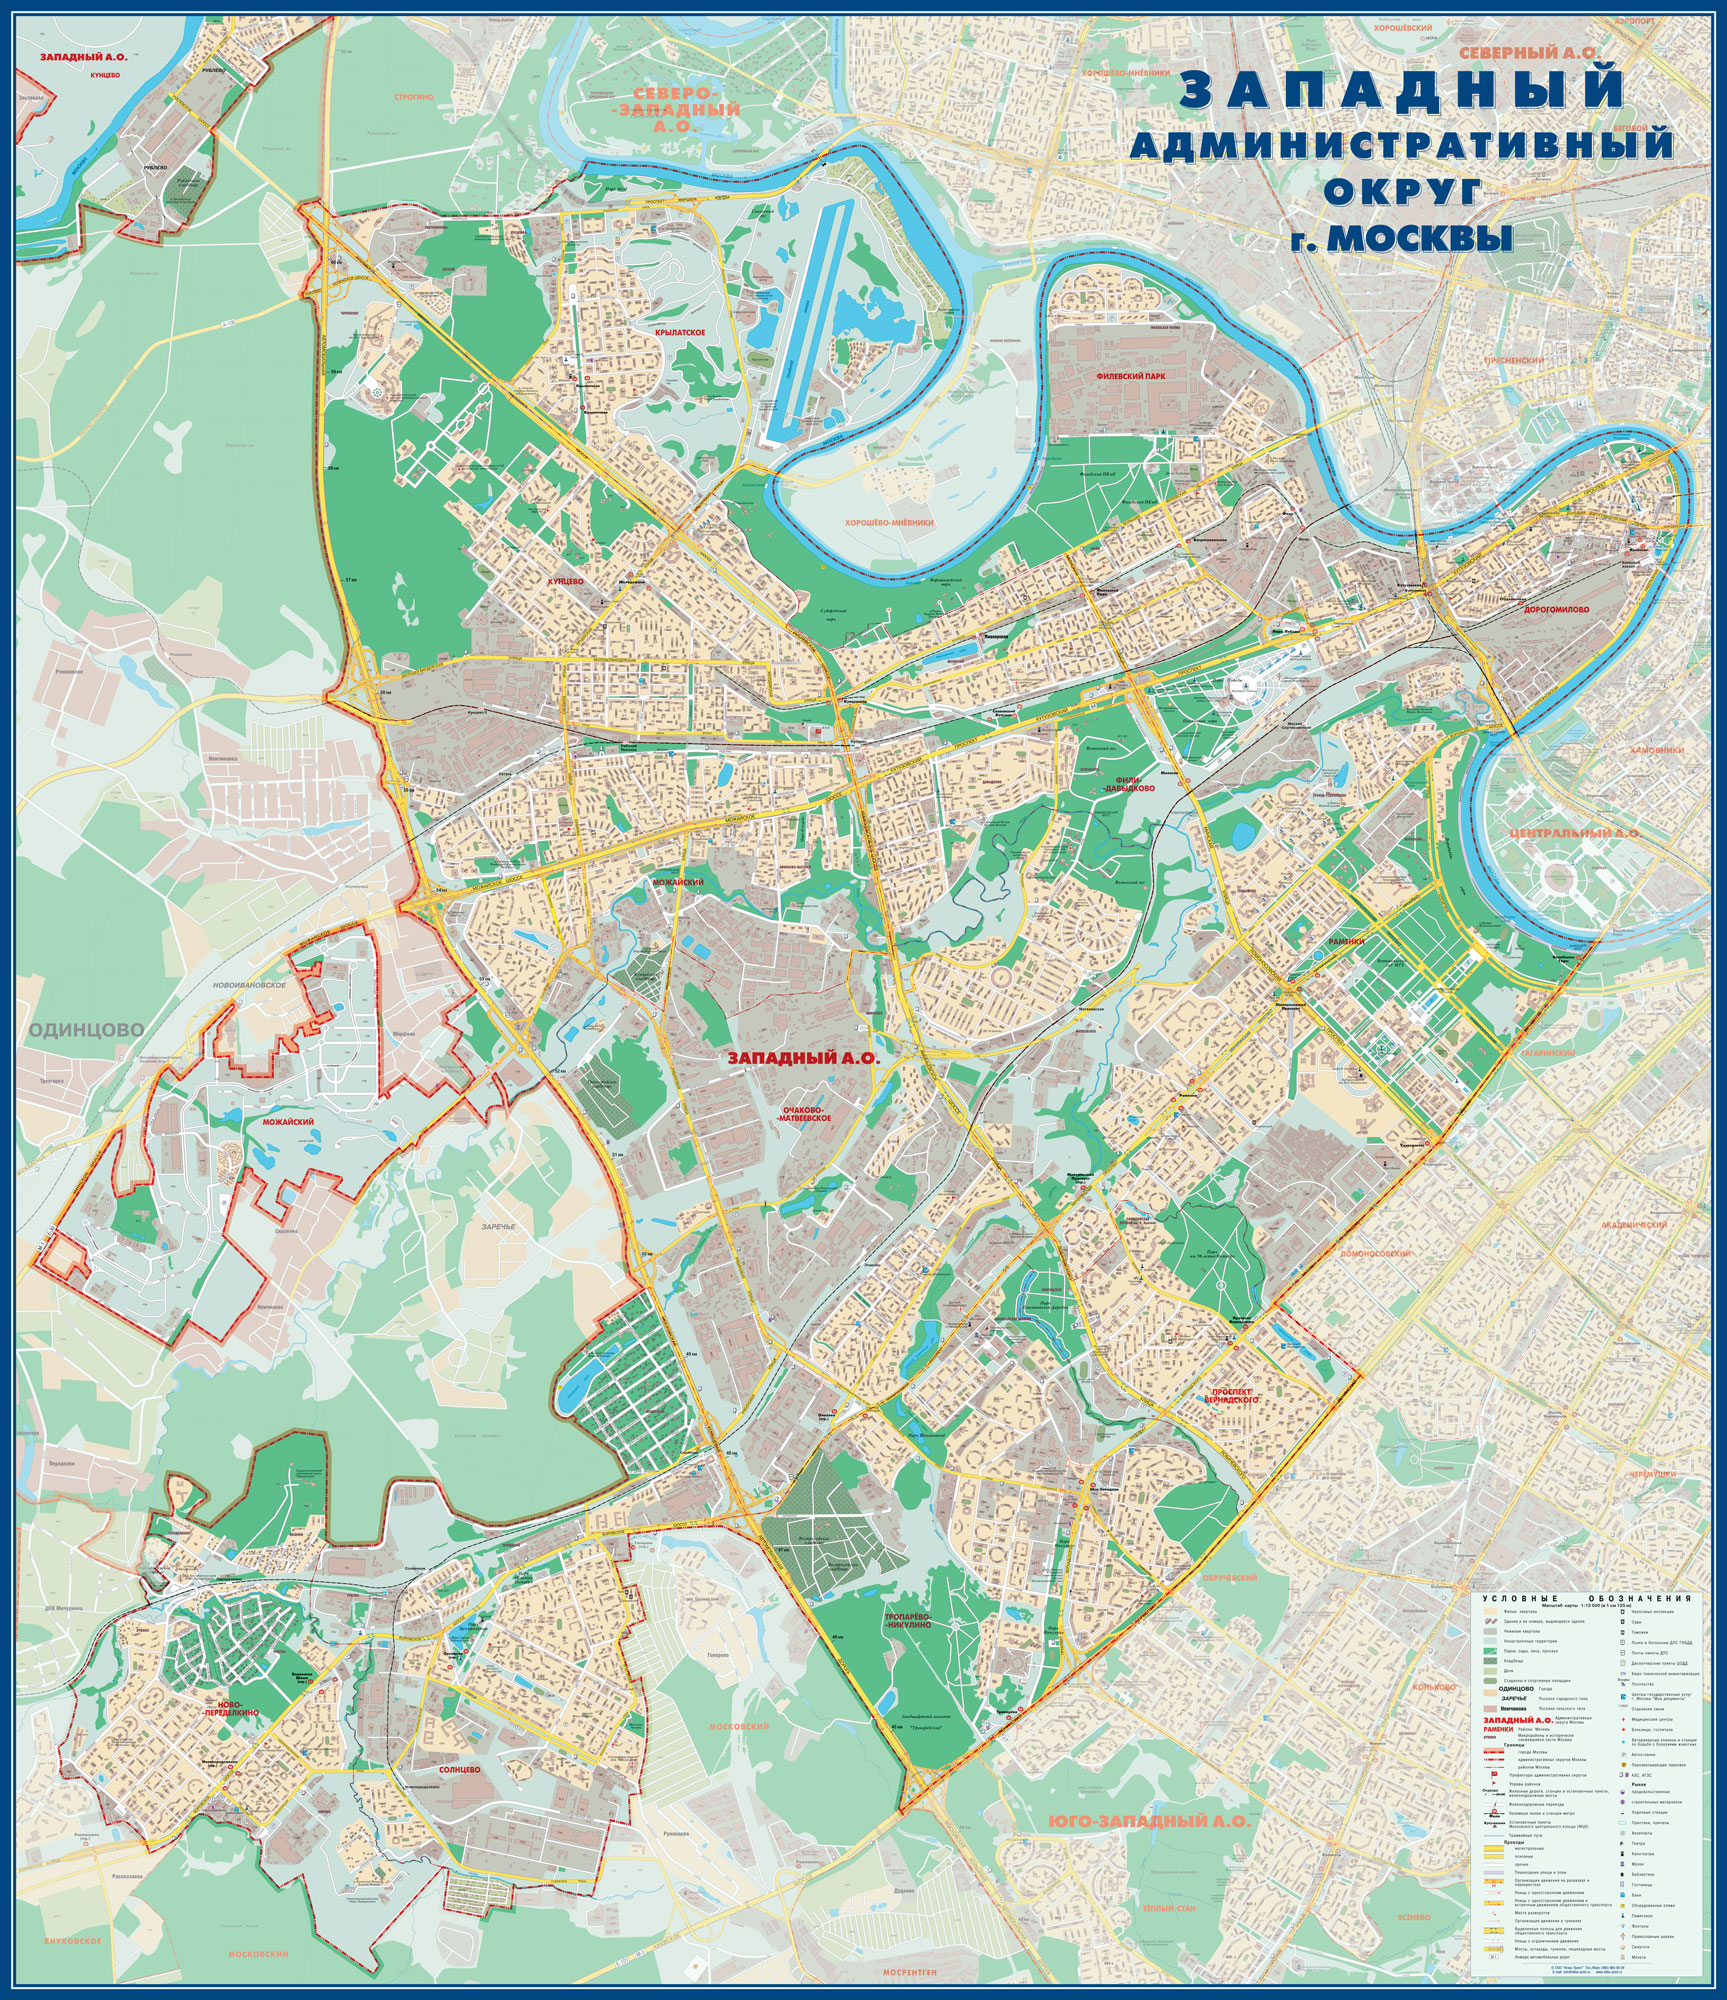 Настенная карта Западного административного округа Москвы. ЗАО размер 1,30х1,50 м. выполняется на заказ